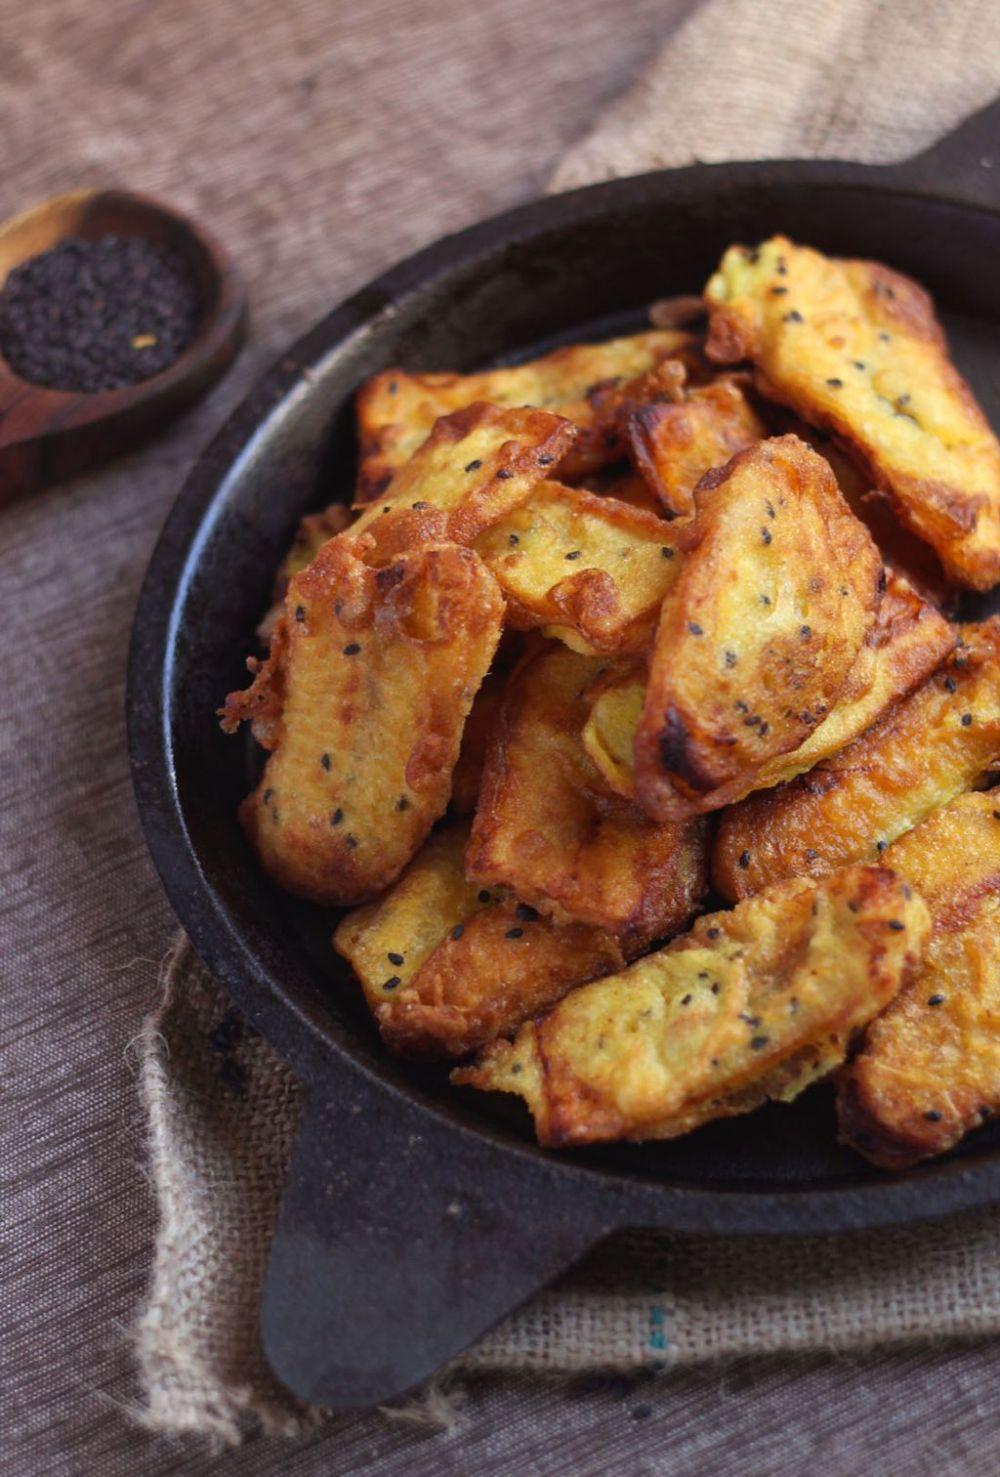 Banana Fritters (pazham pori or Ethakka appam)